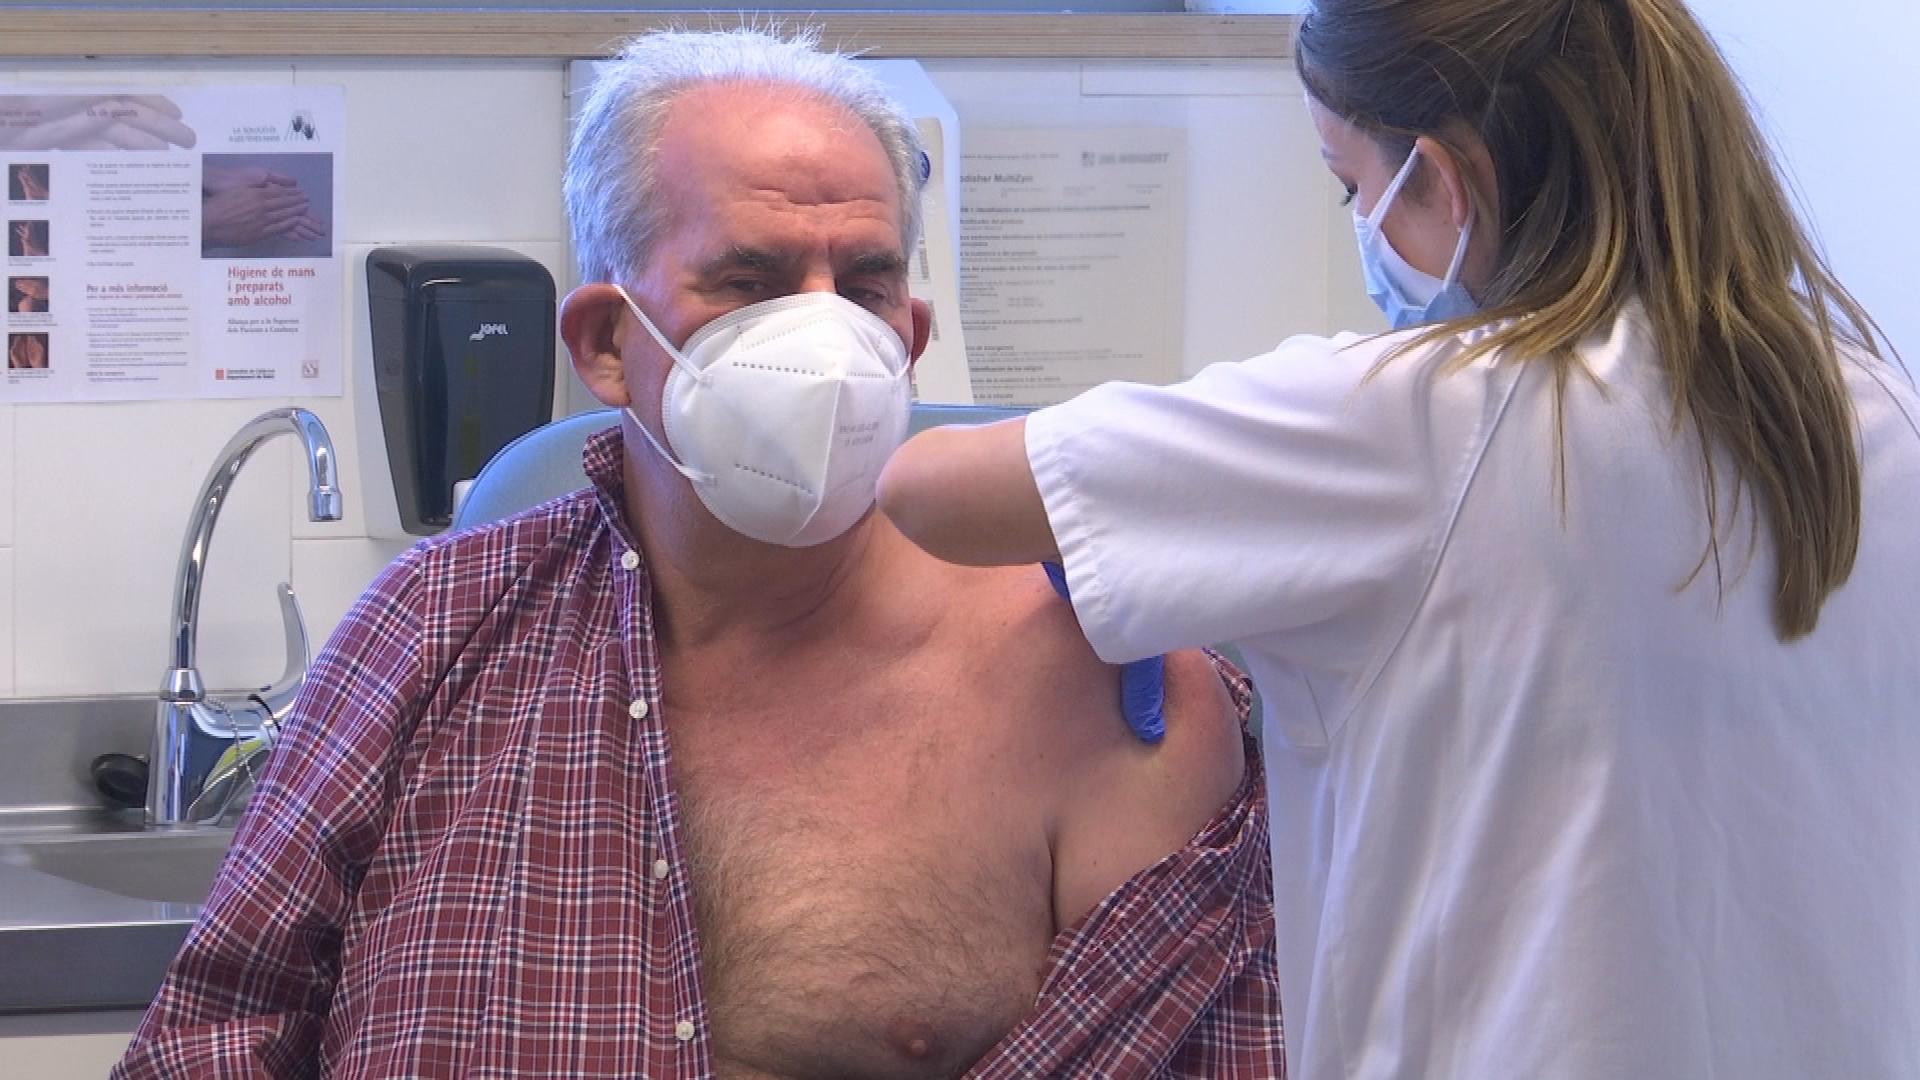 Posen vacuna covid-19 un home